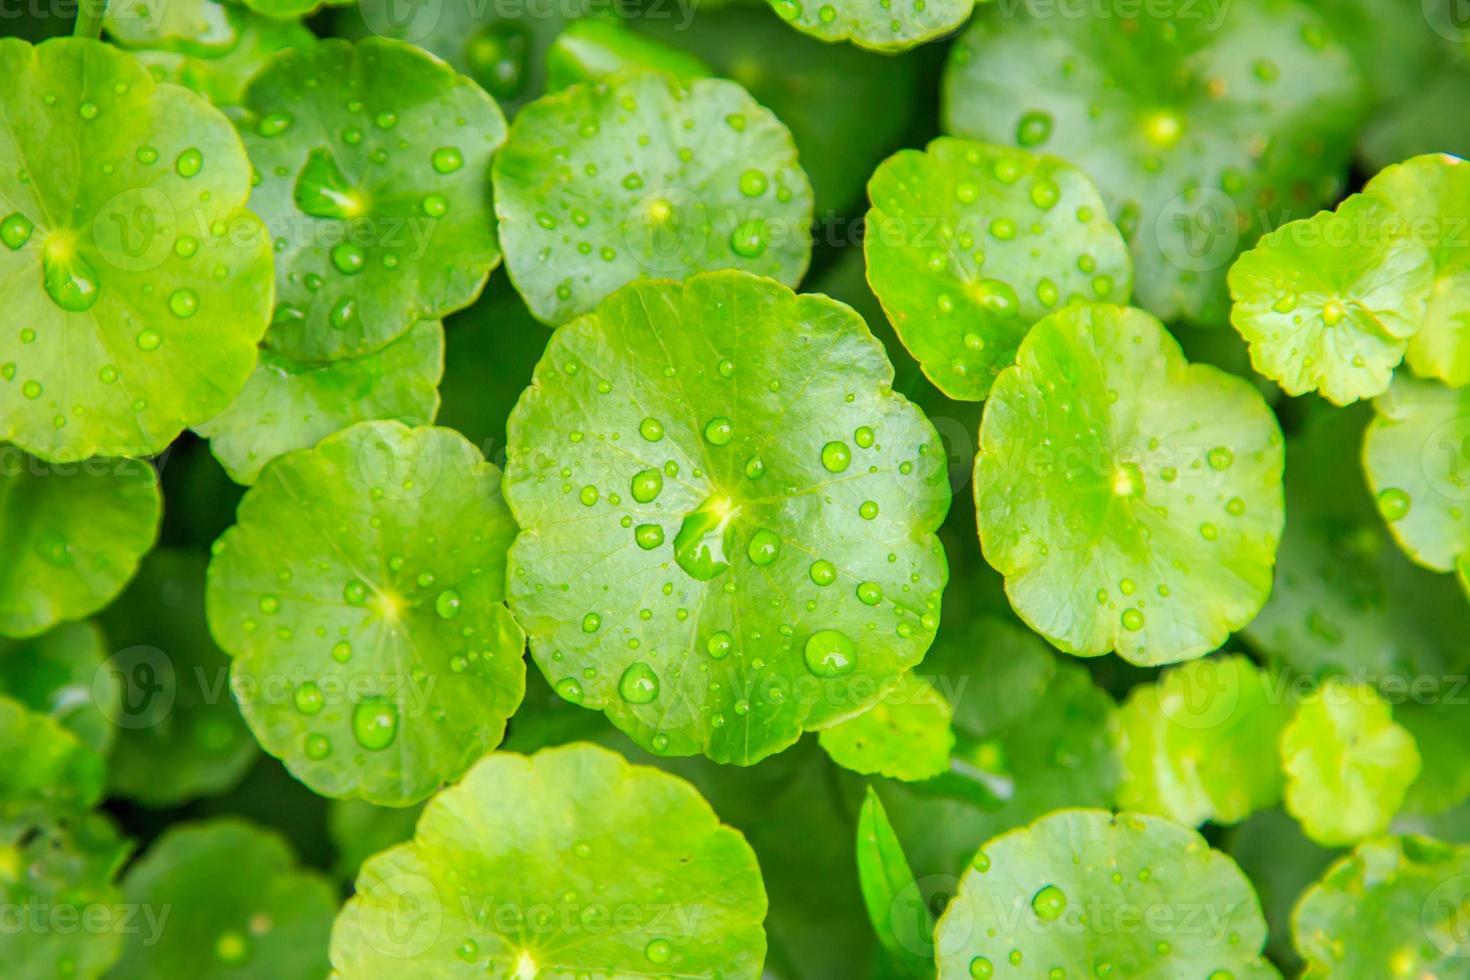 Usine de millepertuis vert se bouchent pour fond naturel photo